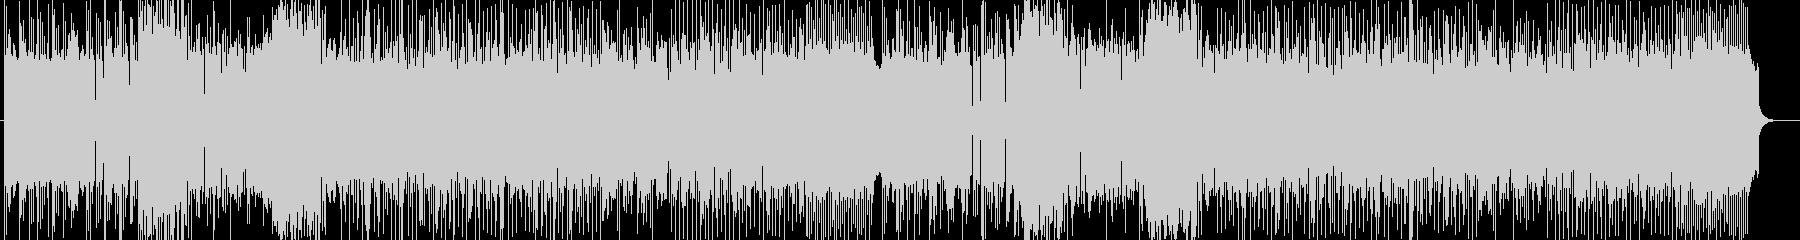 「ヘヴィ/ダーク/メタル」BGM247の未再生の波形